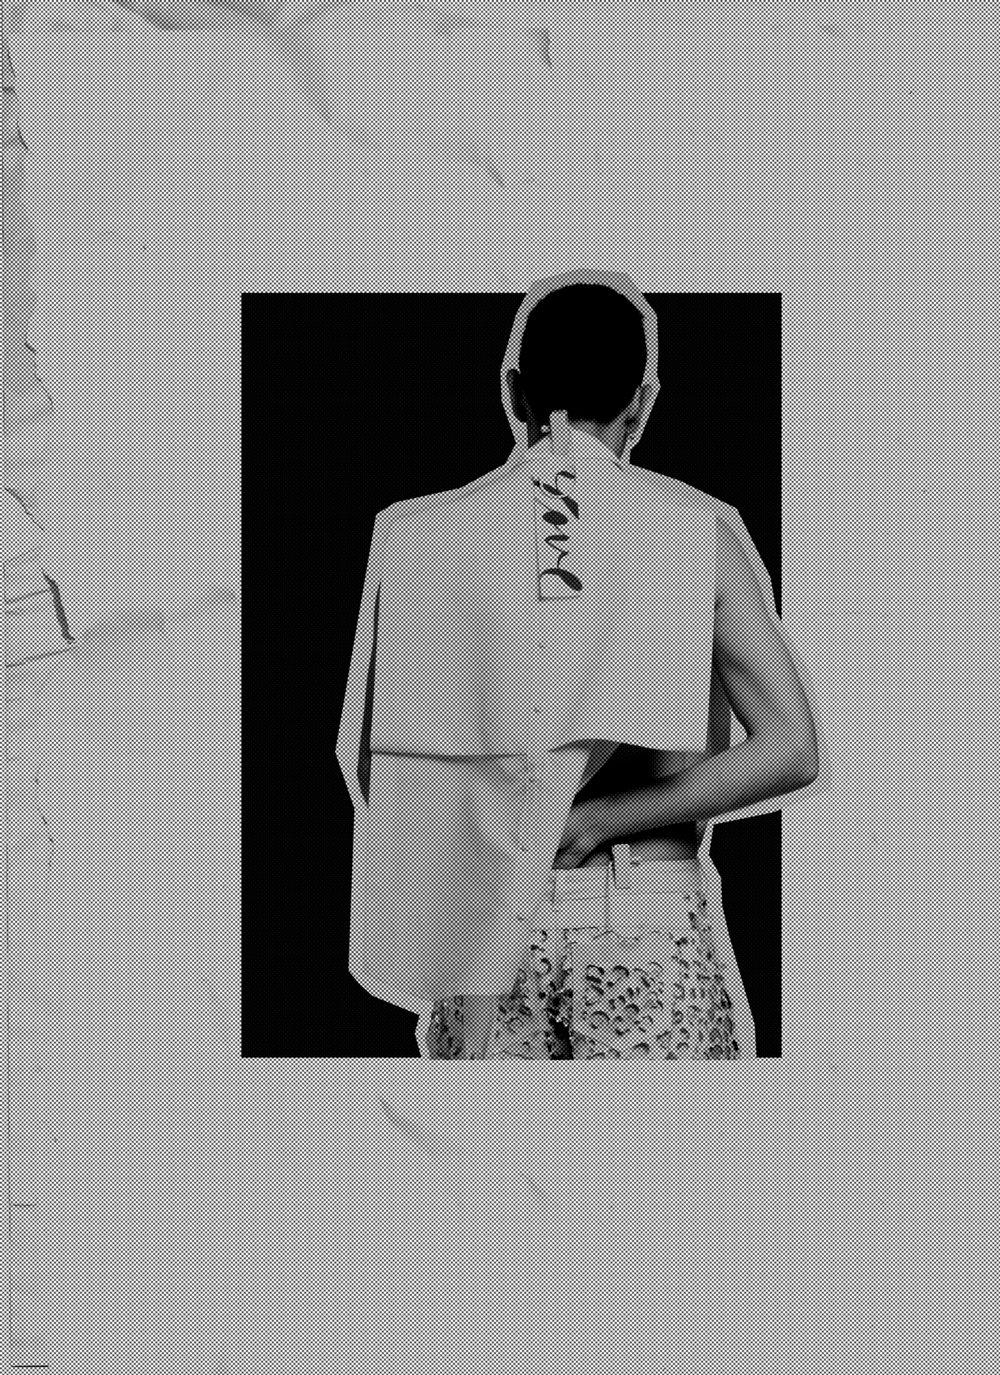 Anna-Luiese_Sinning_UDK_Outfit2_2_ret.jpg